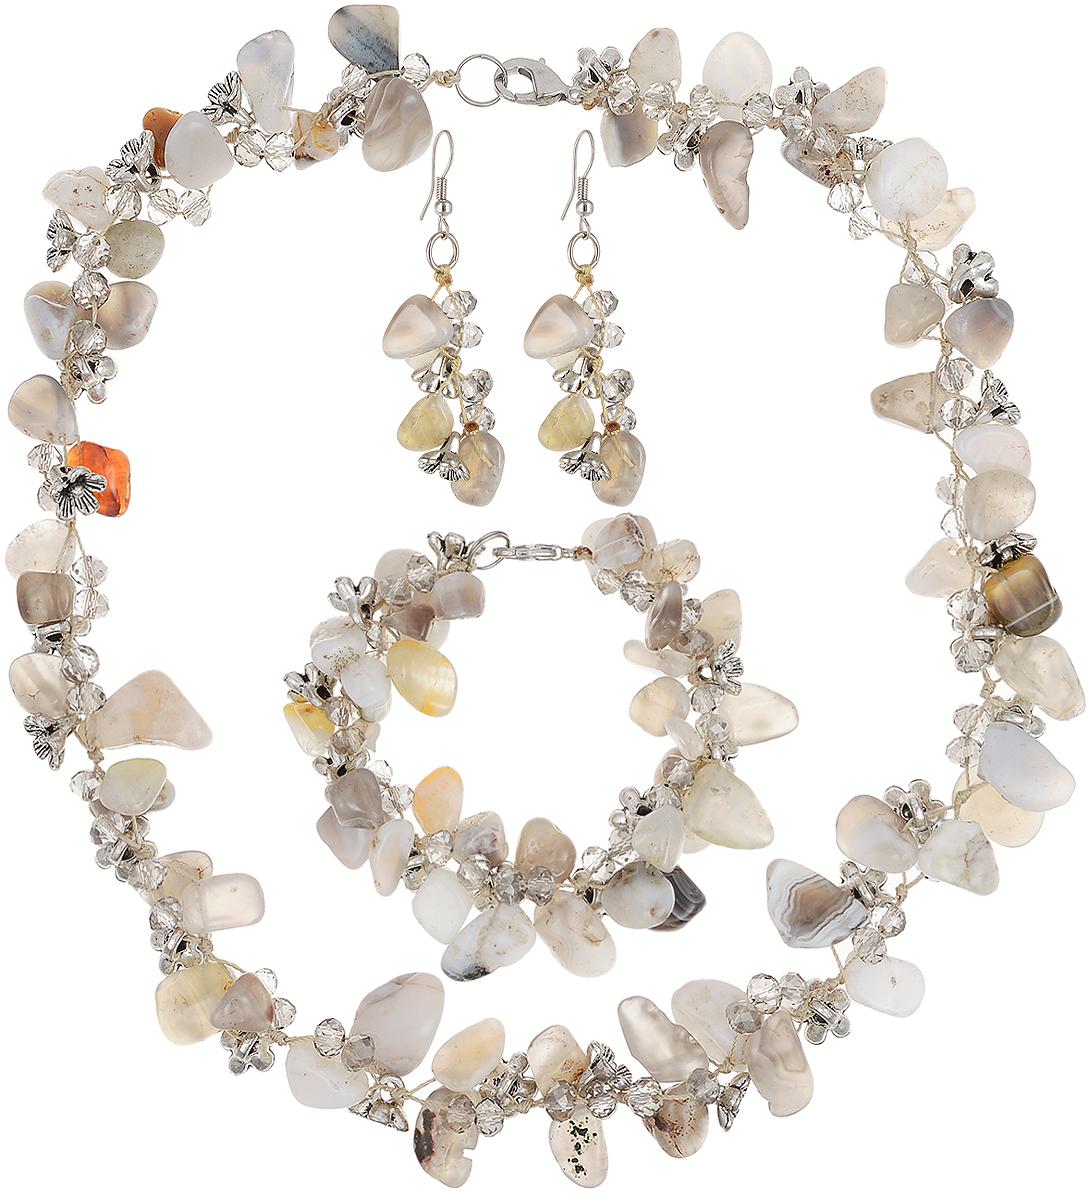 Комплект бижутерии Art-Silver: ожерелье, браслет, серьги, цвет: серый. СМЦ36-6-956Бусы-ошейникВеликолепный комплект бижутерии Art-Silver состоит из оригинального ожерелья, сережек и браслета. Изделия выполнены из бижутерного сплава, камня халцедонаи кристаллов. Серьги дополнены удобным замком-петлей, что обеспечивает надежное удержание серьги. Колье застегивается на застежку-карабин. Браслет так же застегивается на замок-карабин.